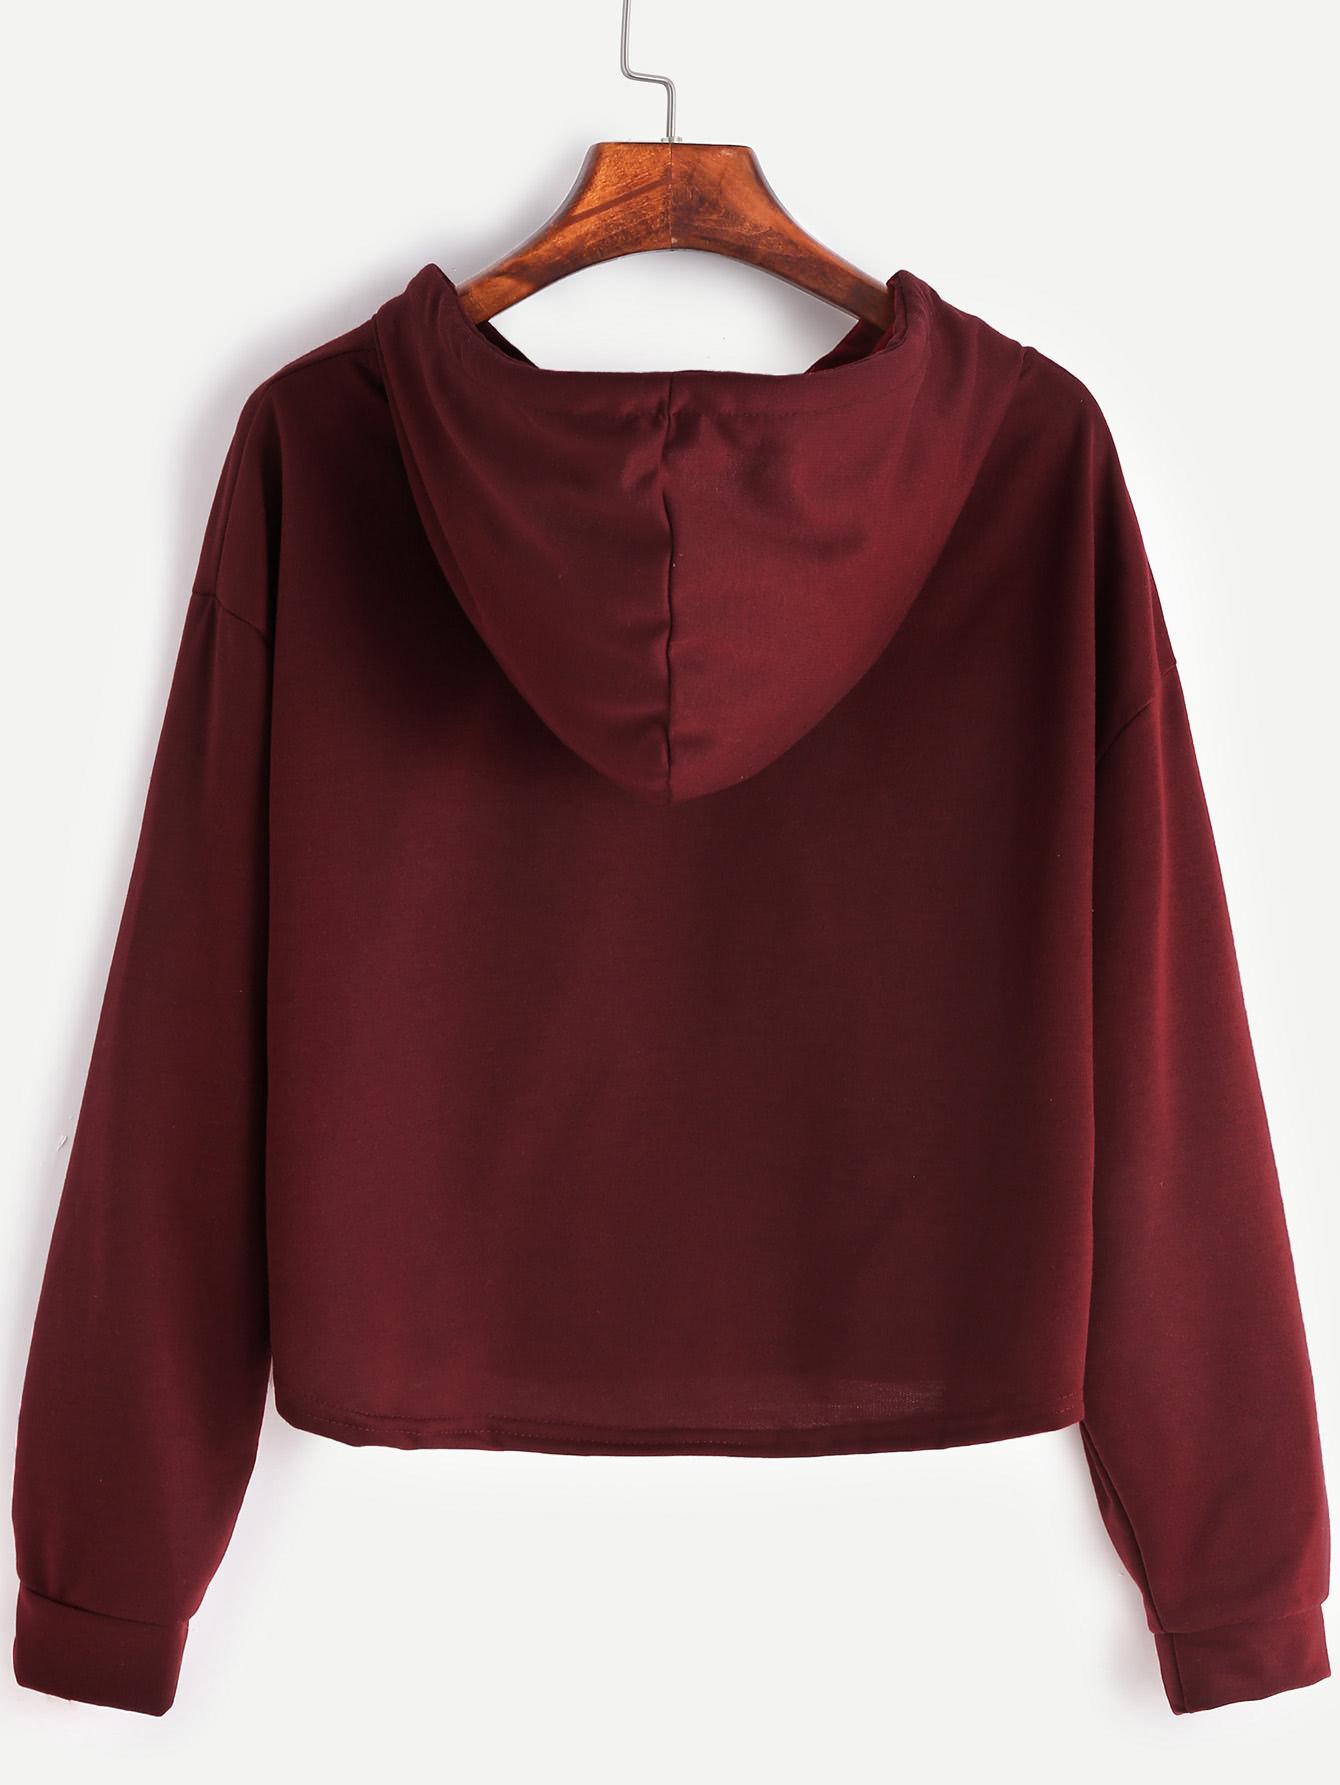 sweatshirt161021135_2